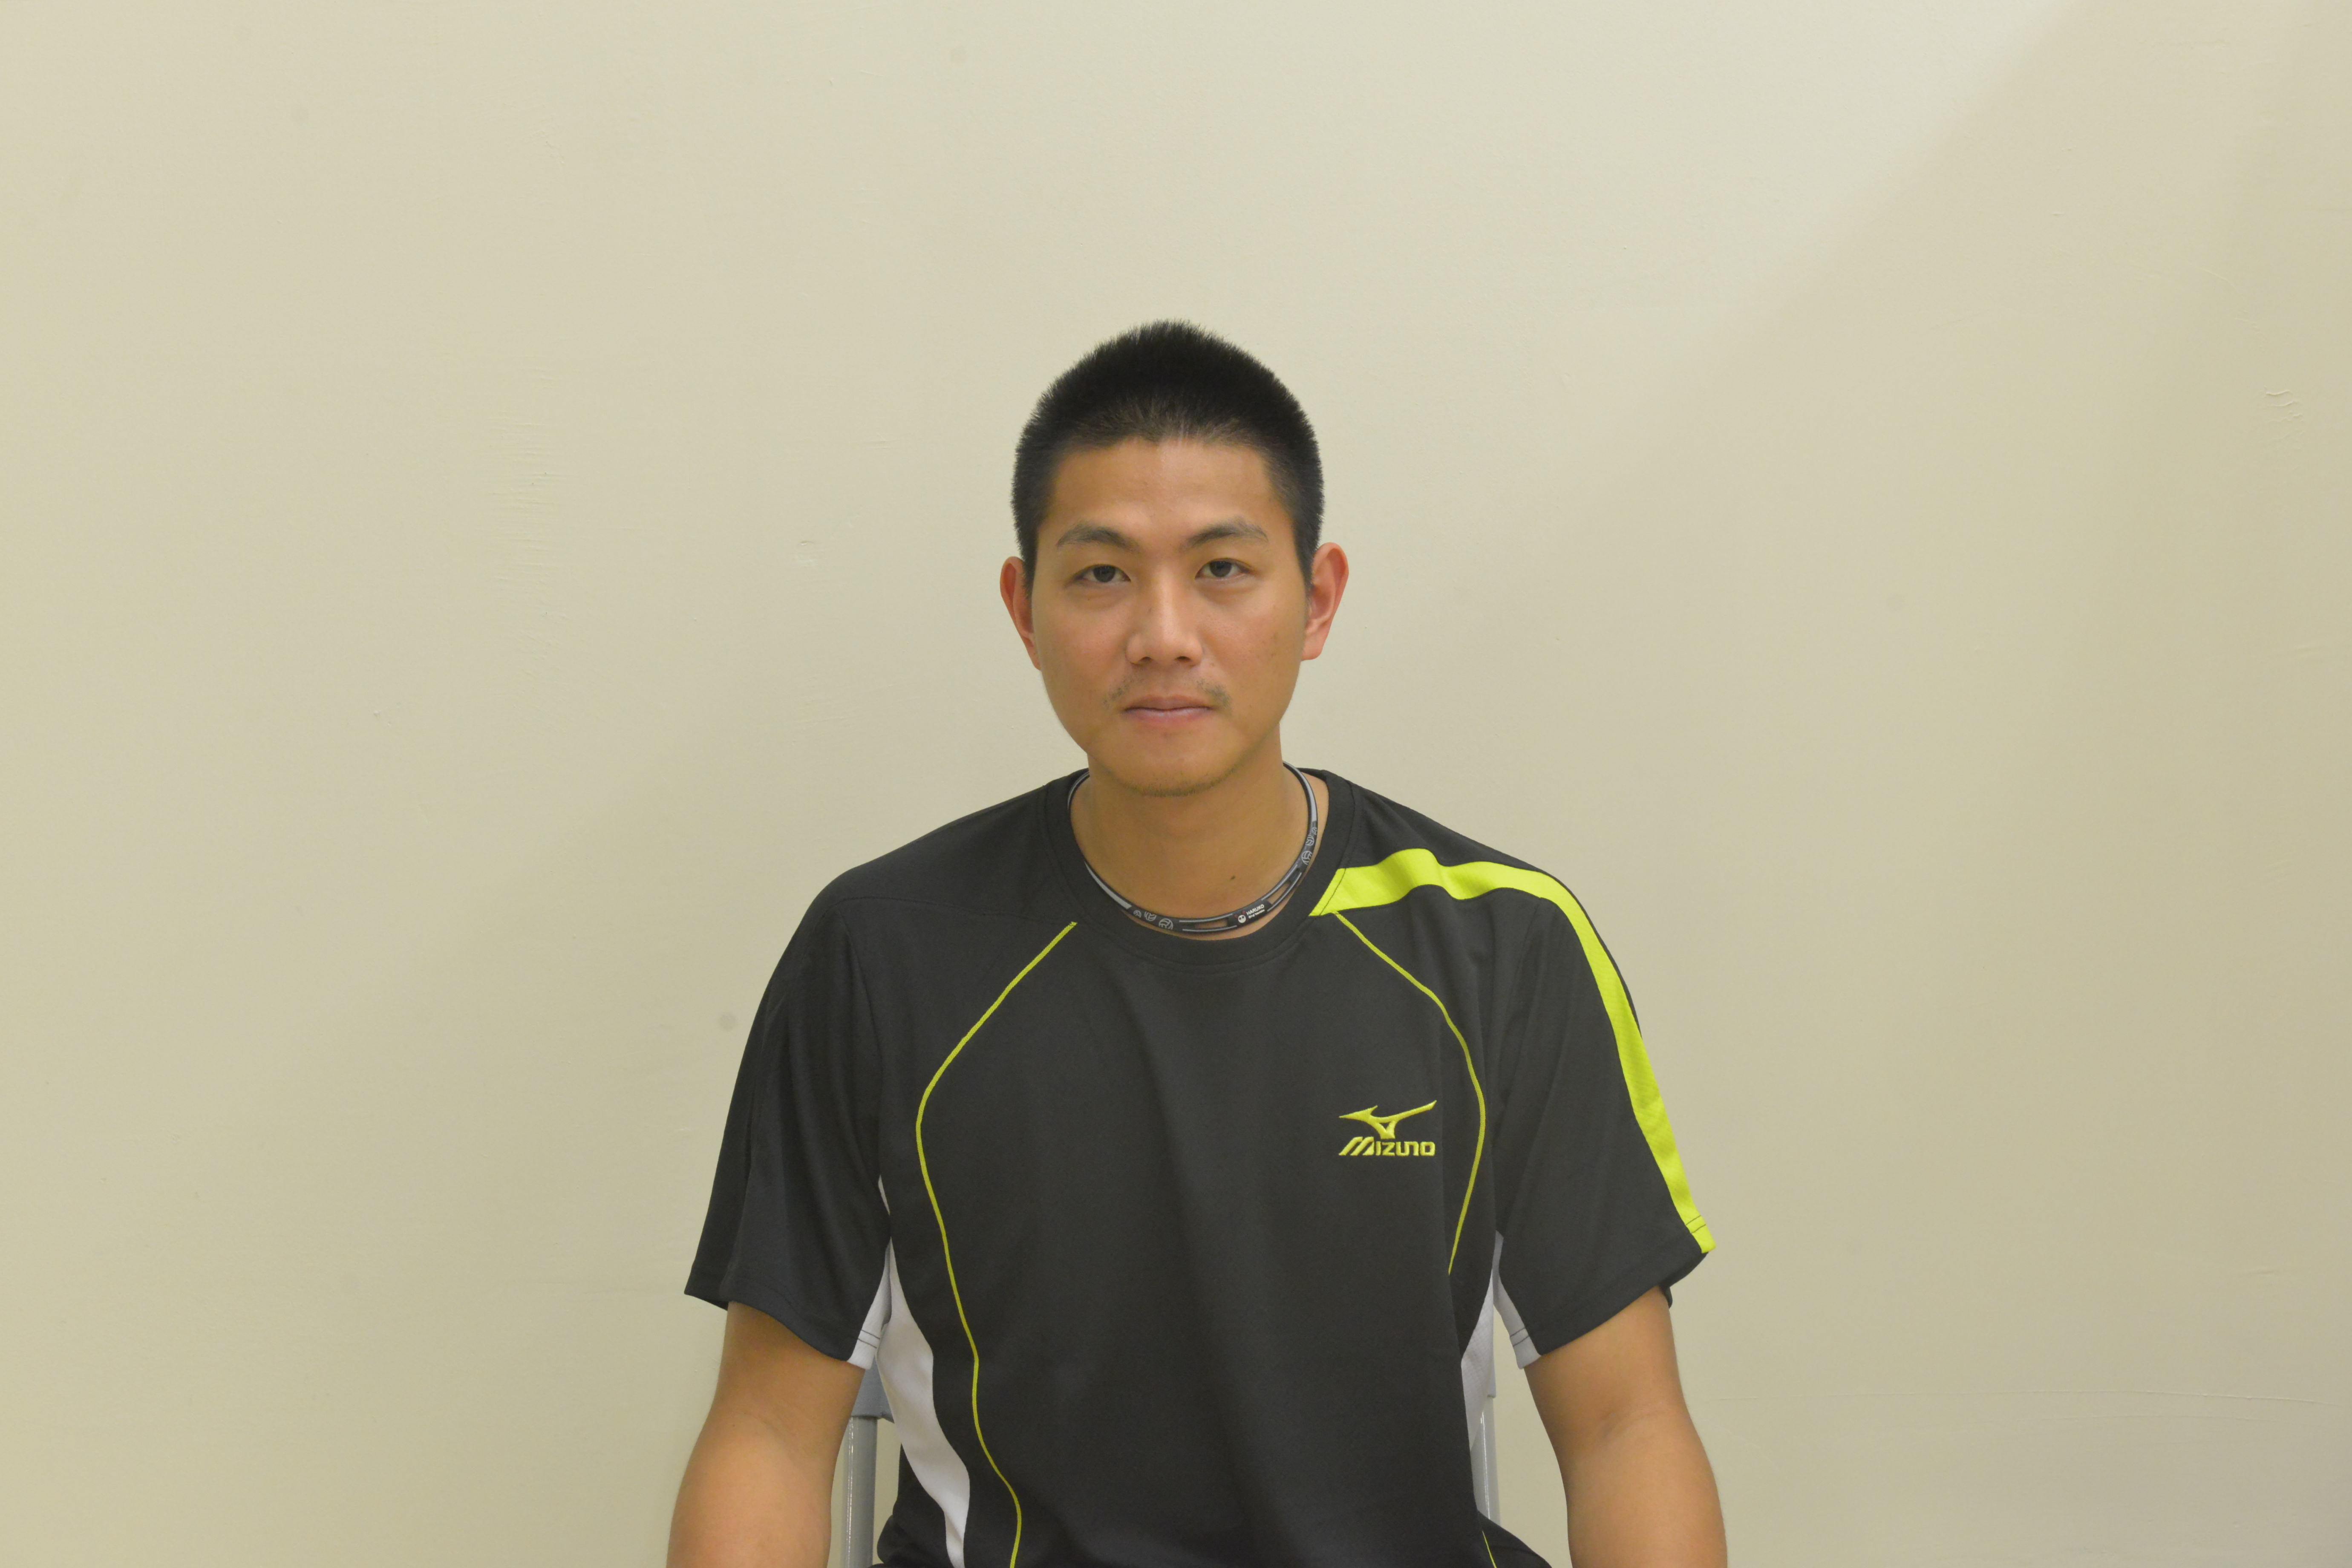 Chien-Chen Chen